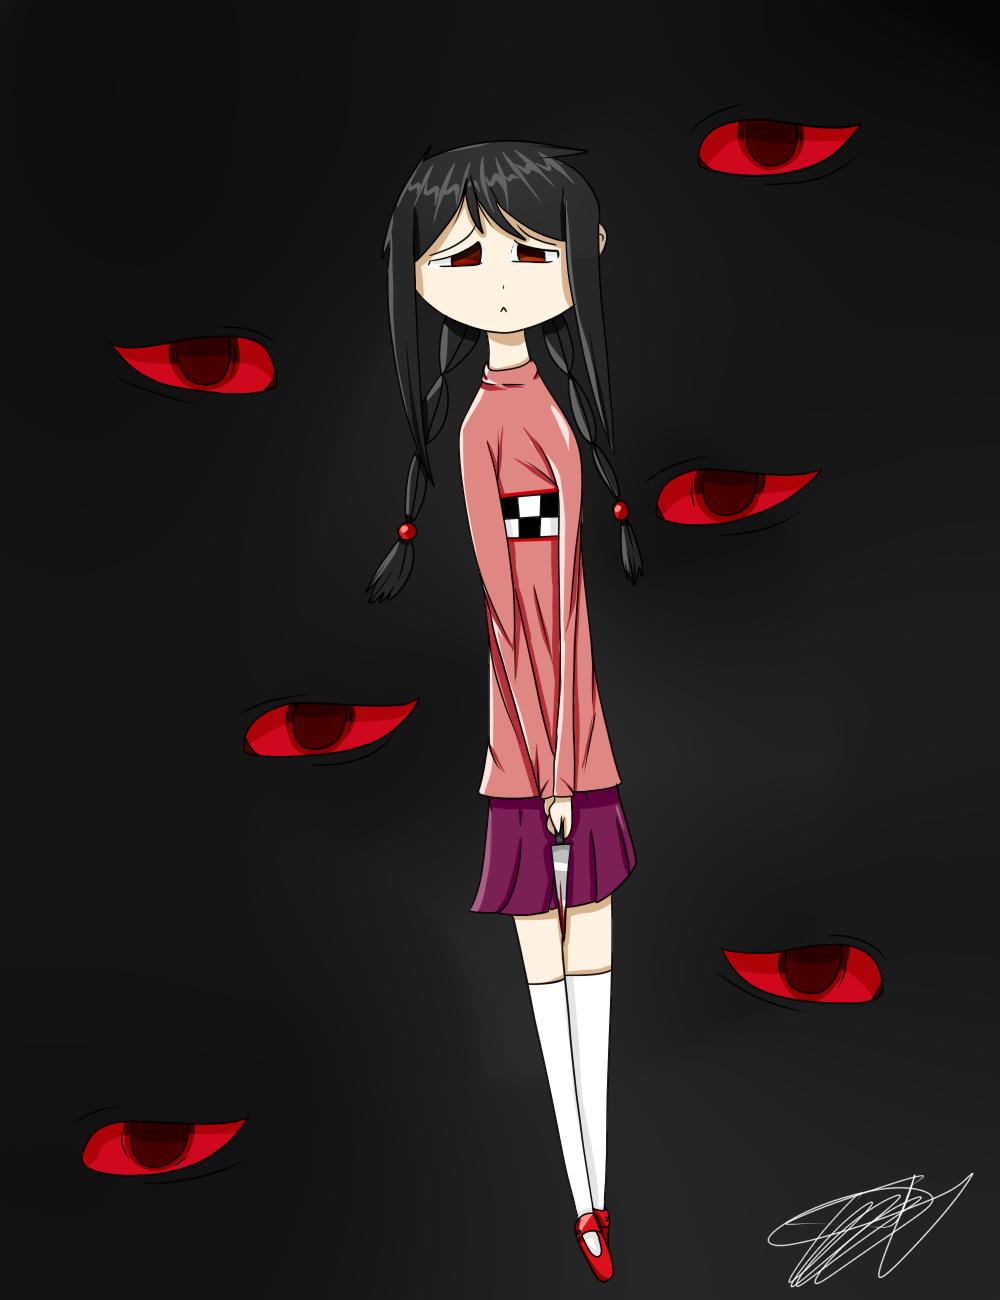 Me as yume nikki by zencat61